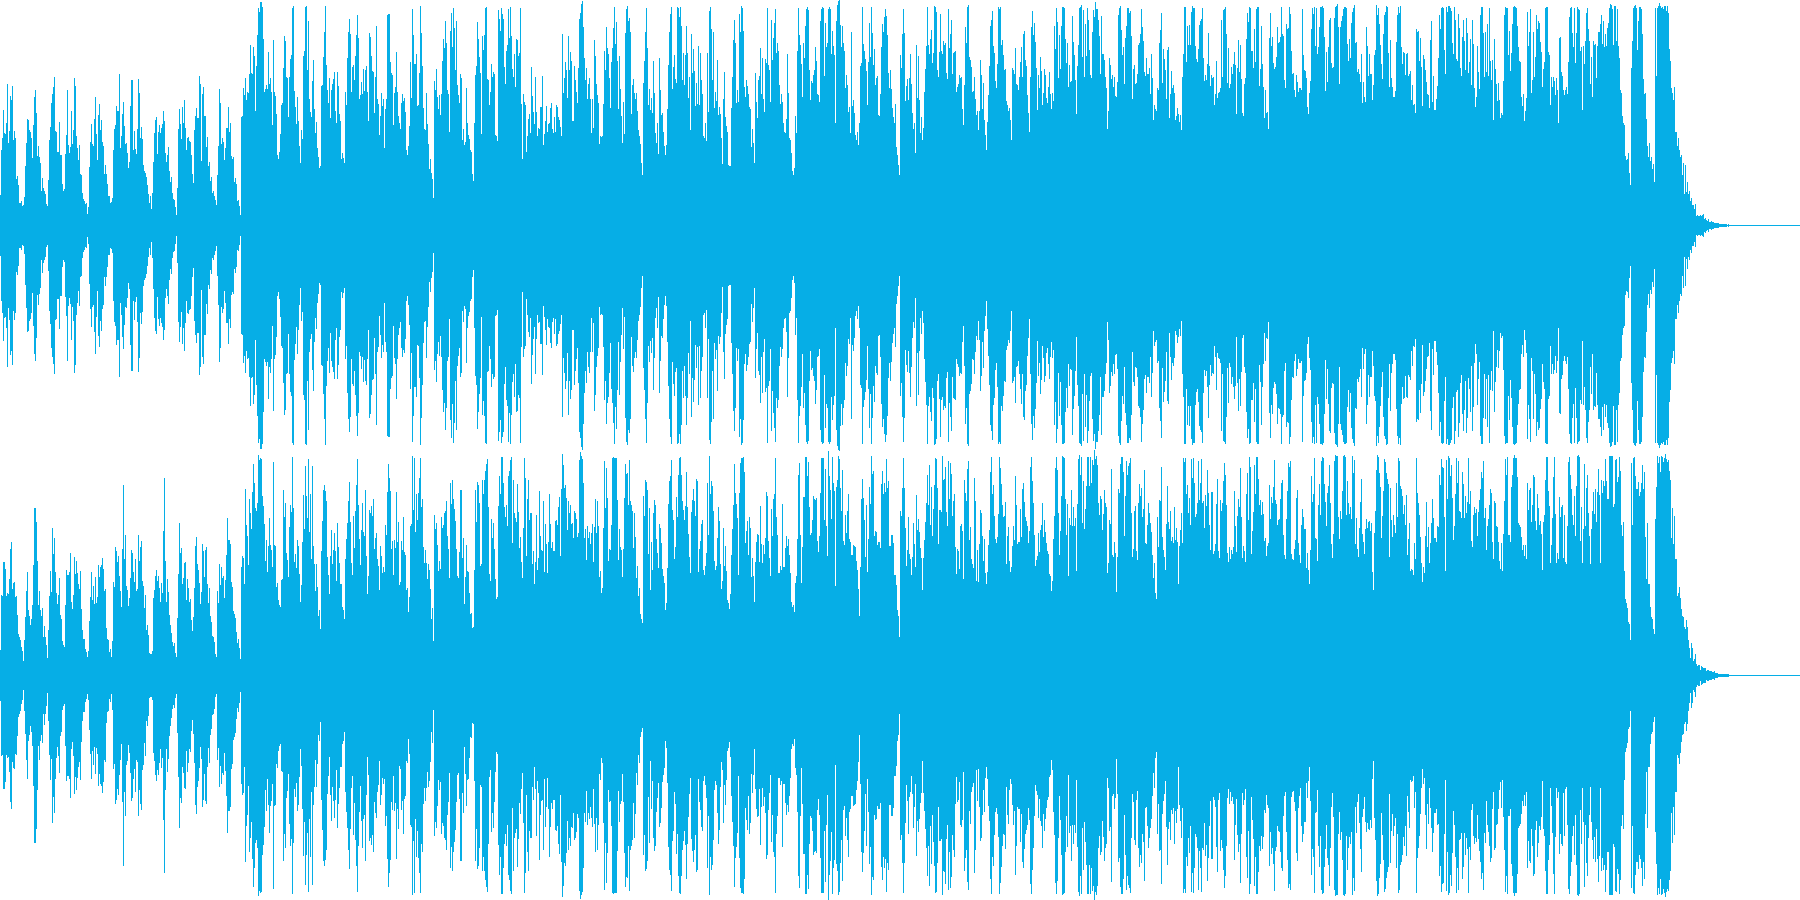 予告向け重々しい雰囲気のオーケストラ楽曲の再生済みの波形